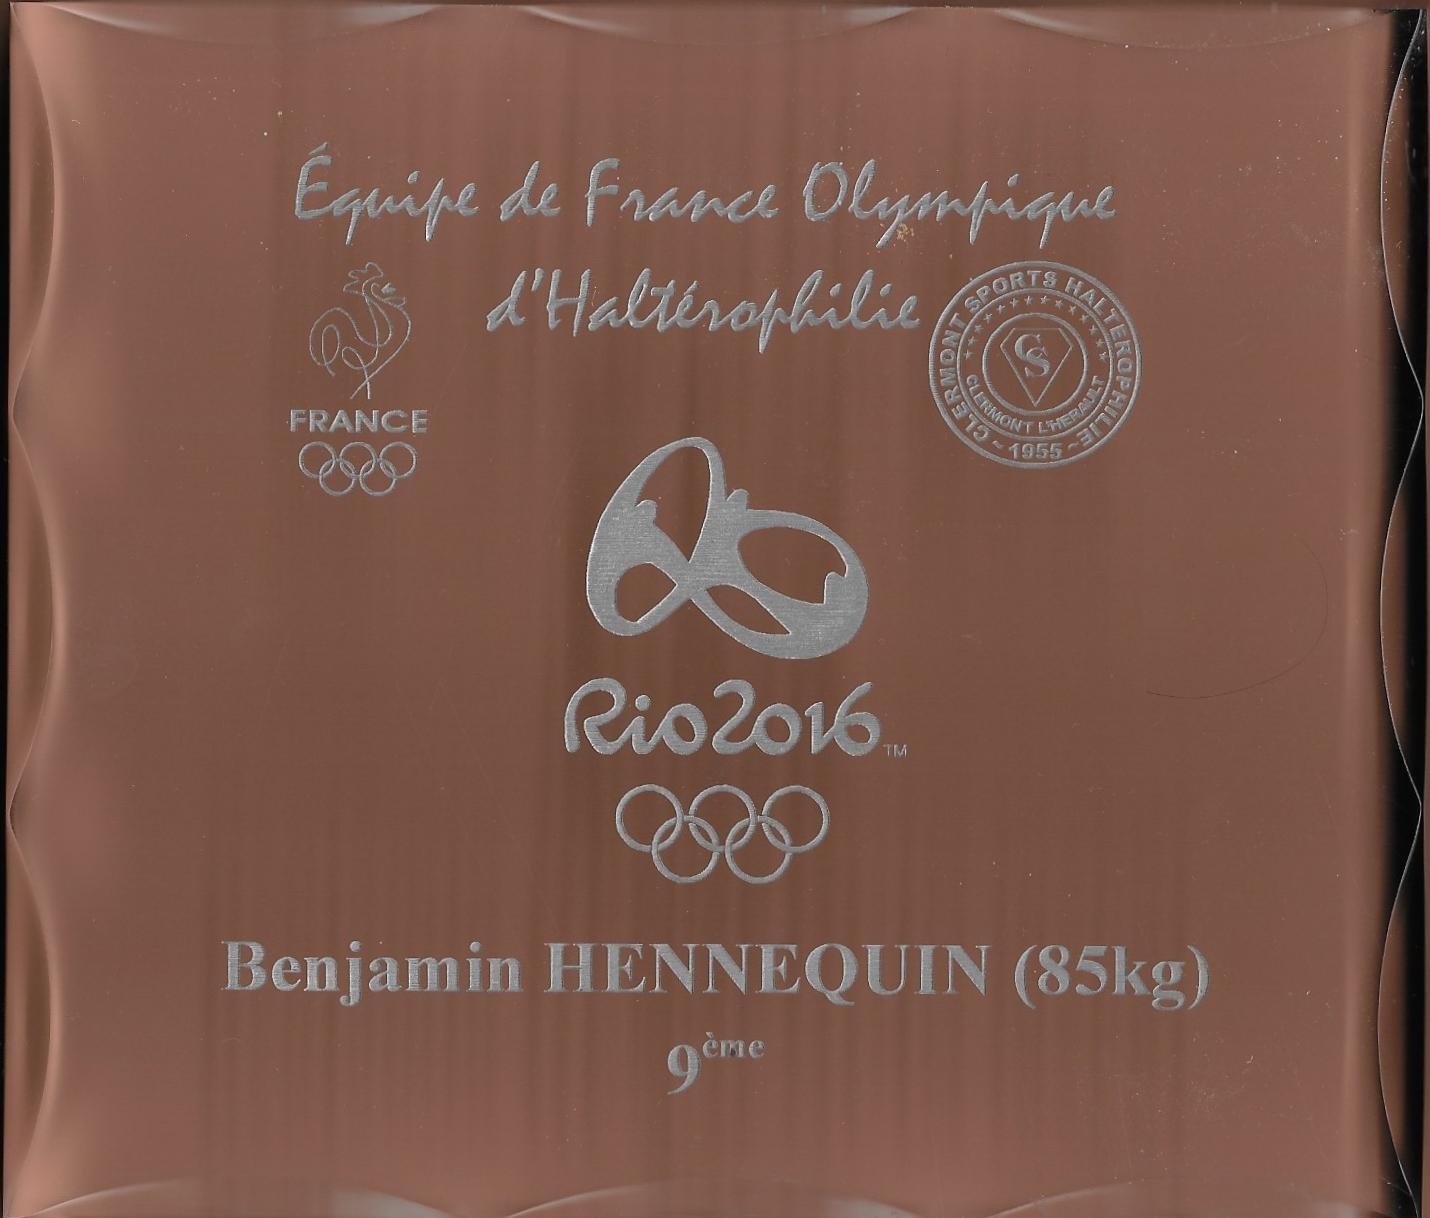 Trophée offert aux athlètes de l'équipe de France Olympique Rio 2016 par Clermont Sports